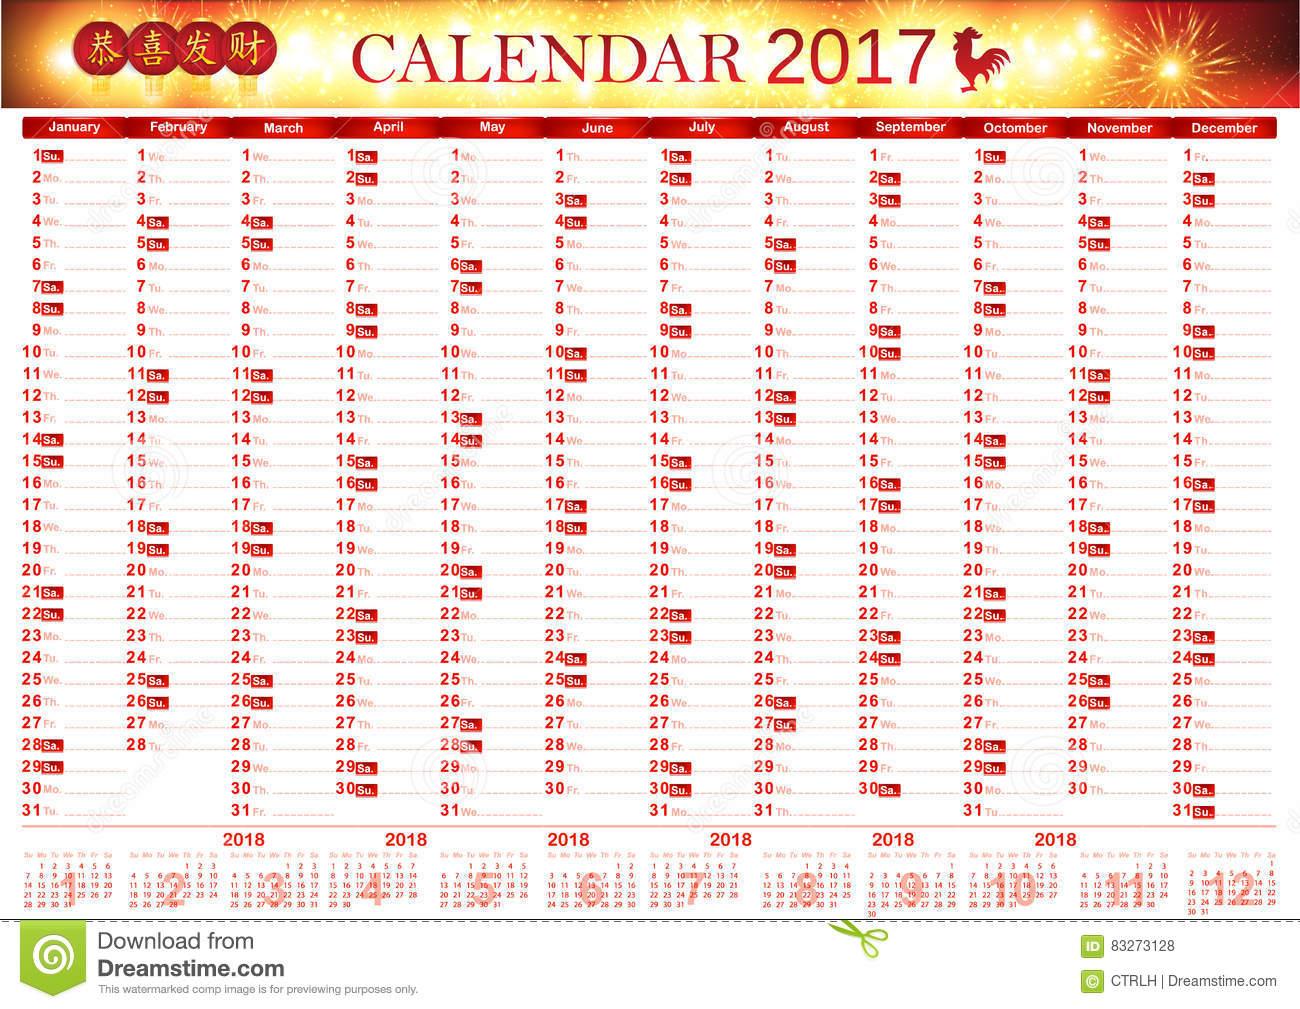 Planificateur Imprimable Anglais D'organisateur, Calendrier à Calendrier 2017 Imprimable